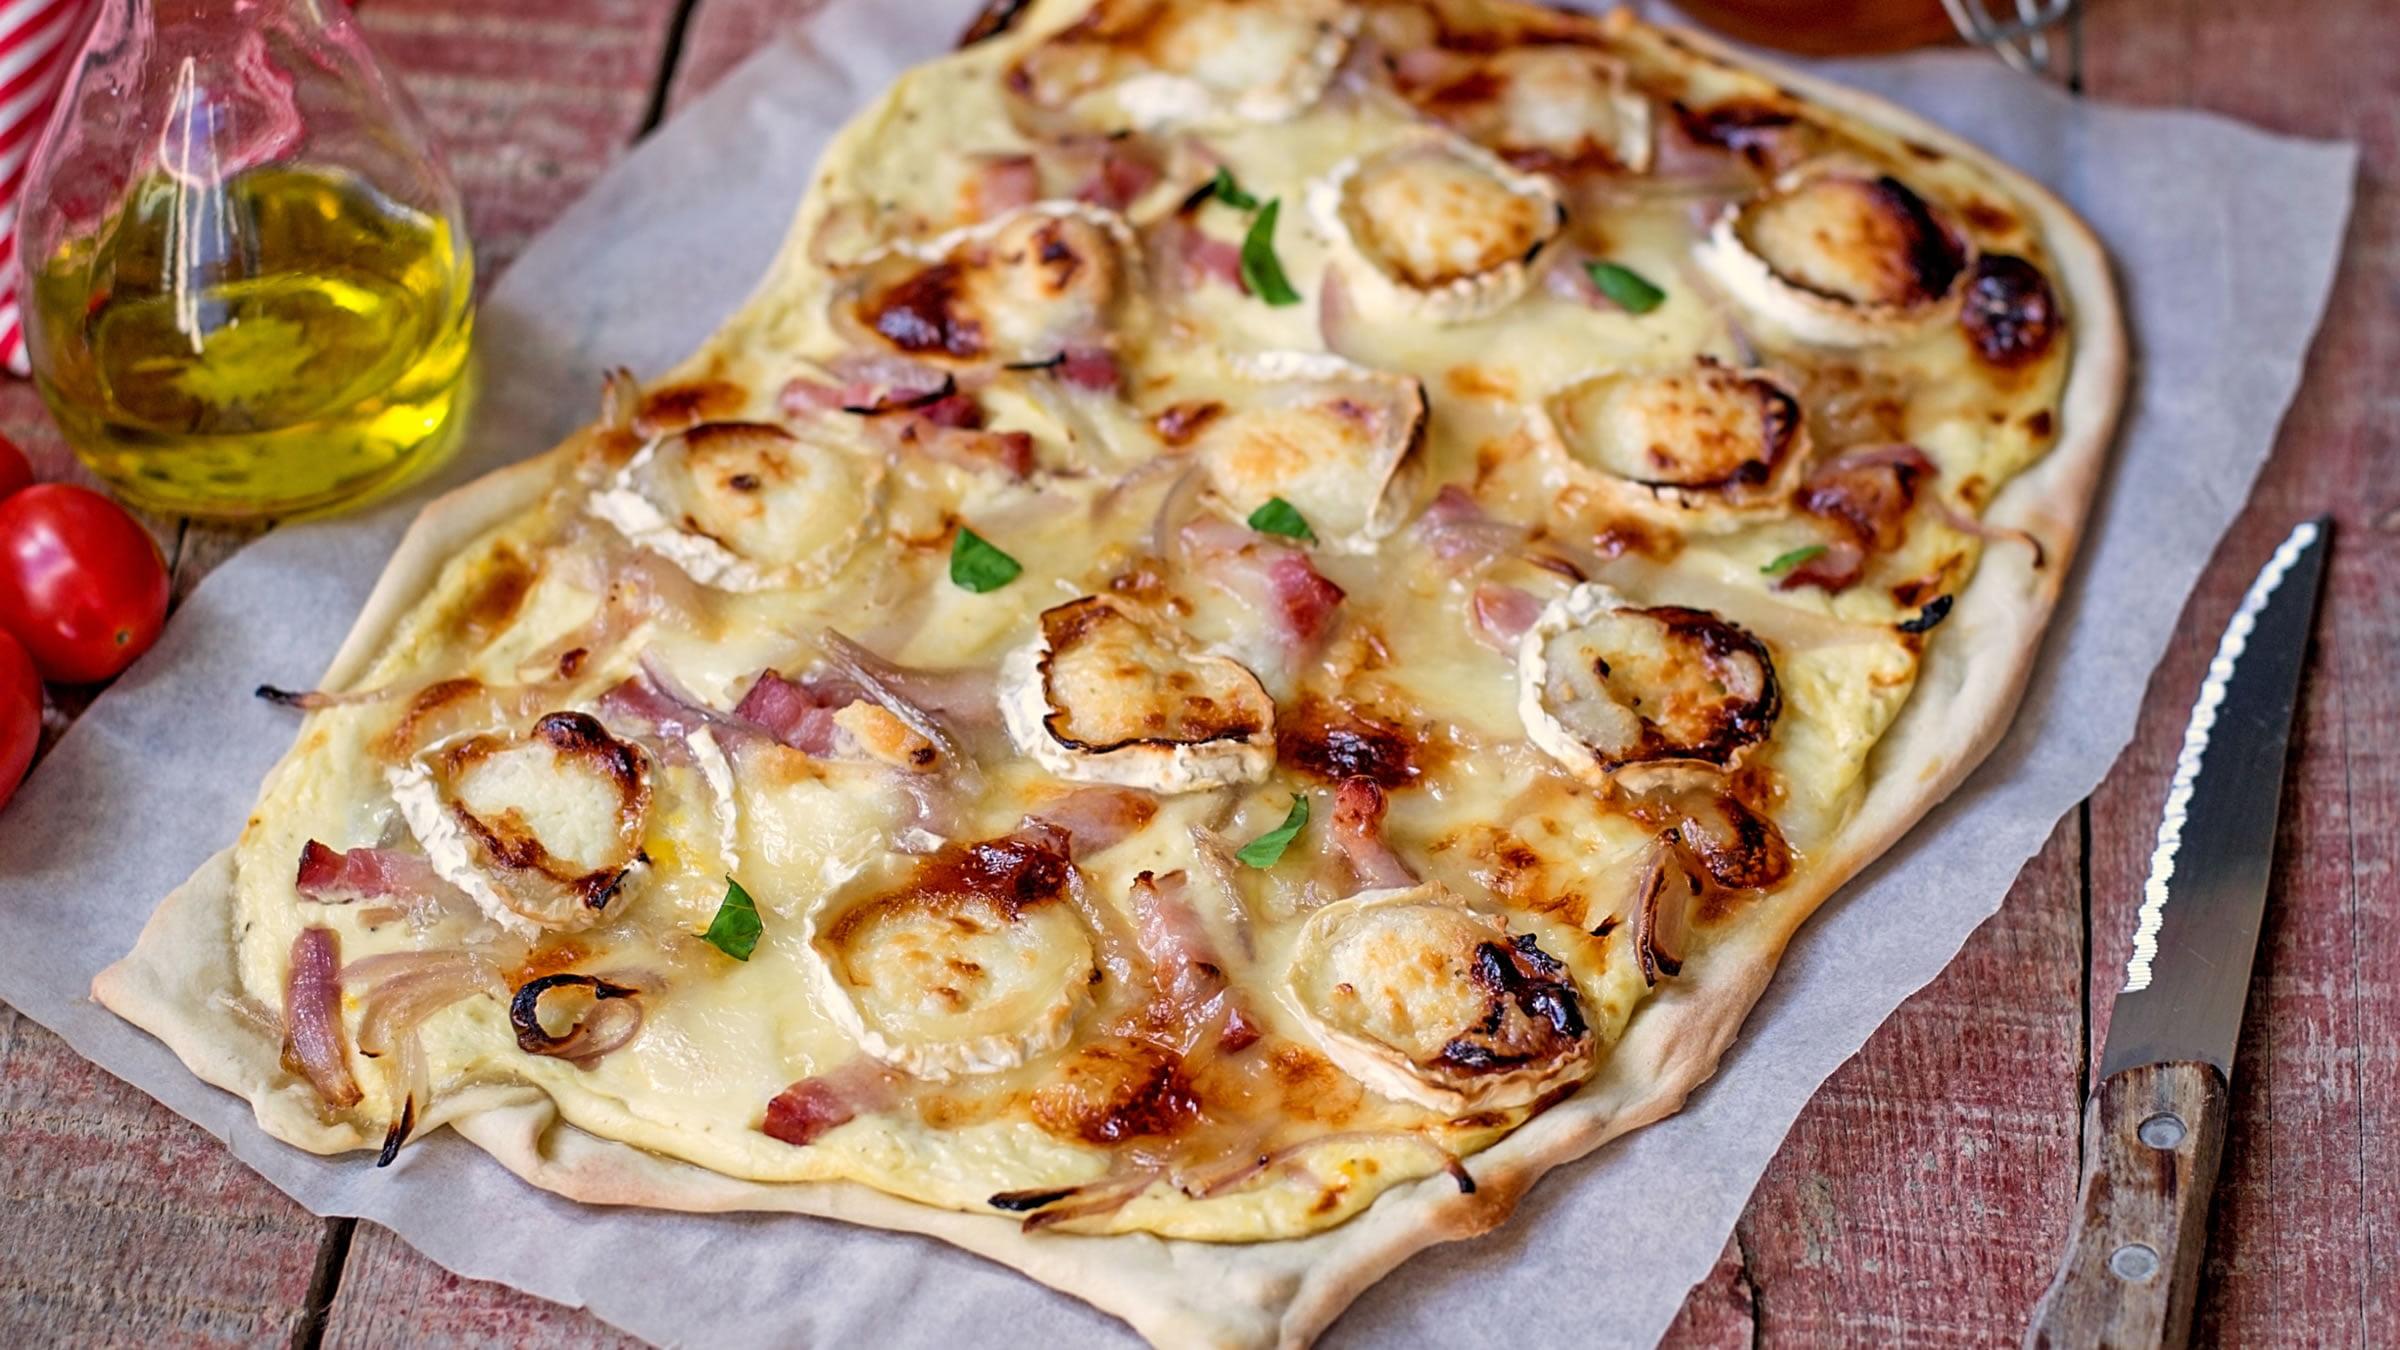 Flammkuchen con los ingredientes tradicionales